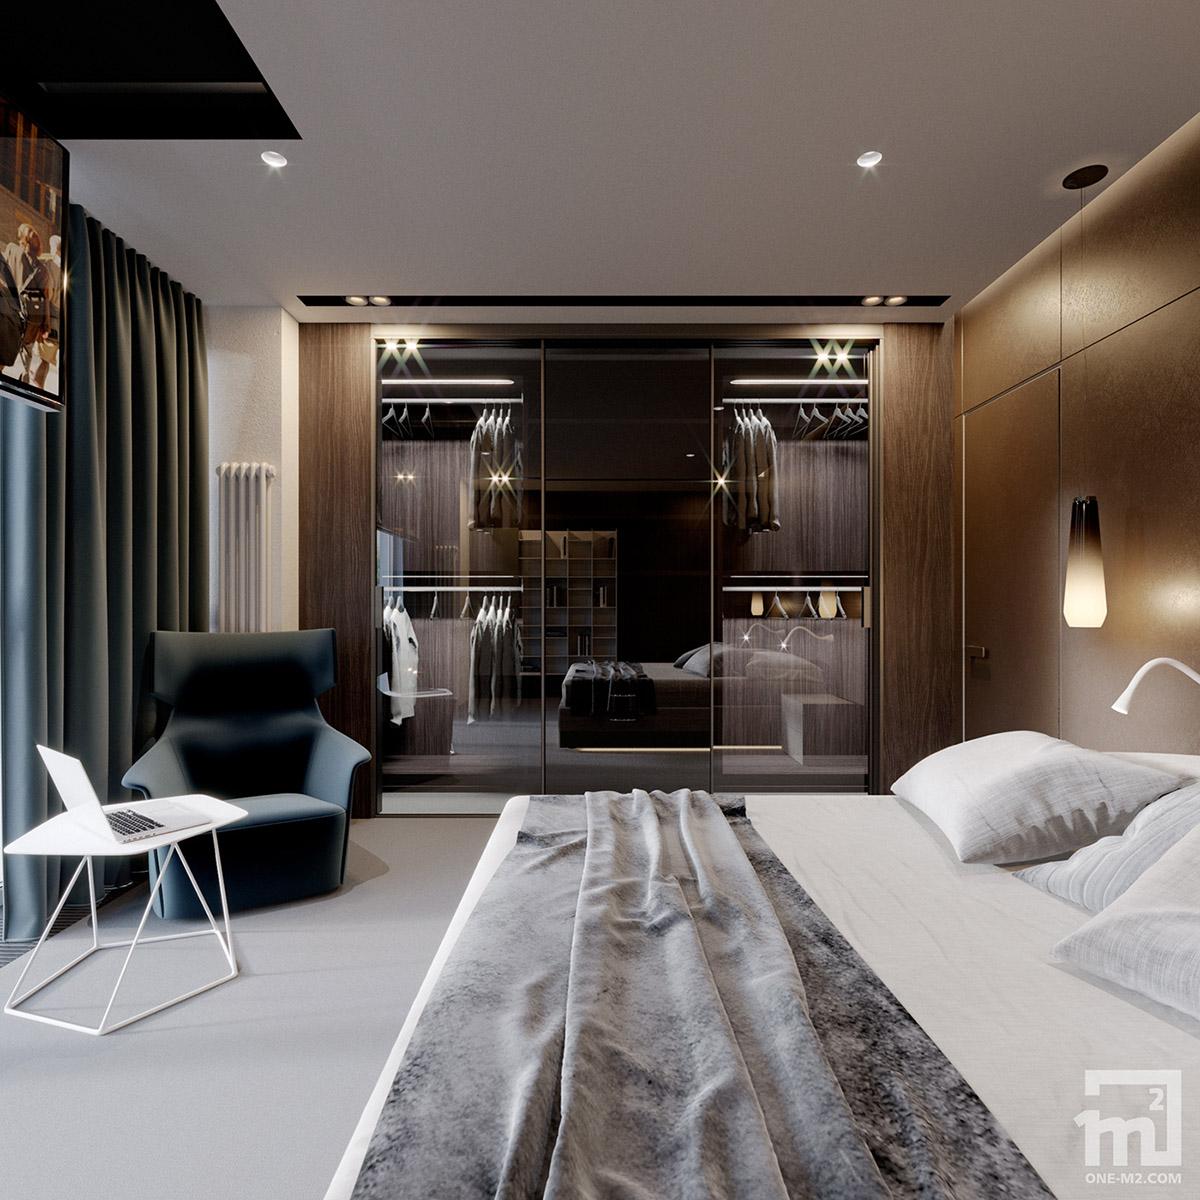 反光表面增加空间感:乌克兰190平米现代住宅设计